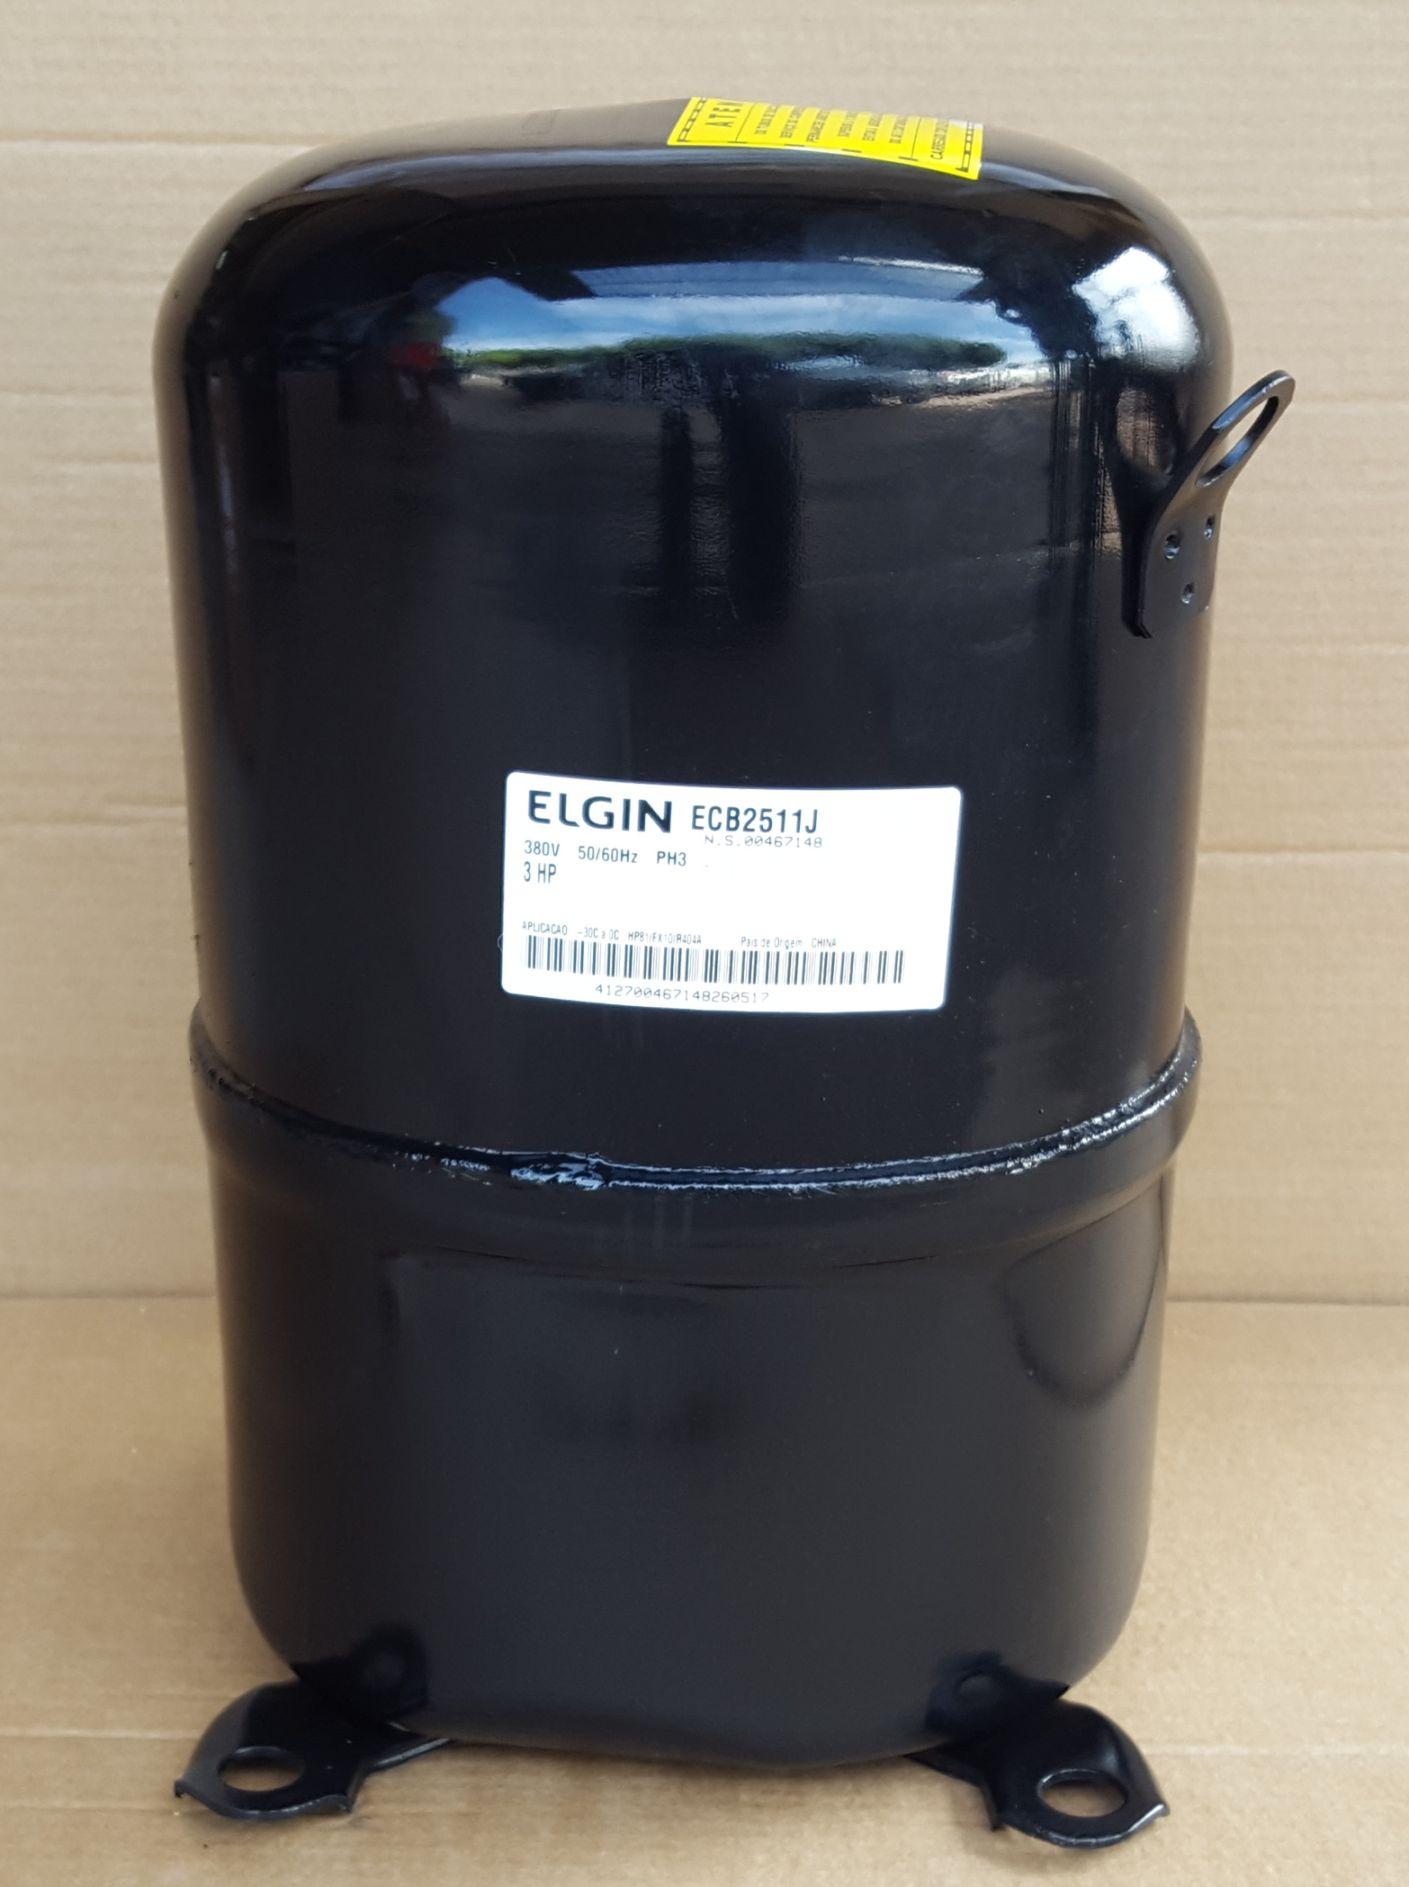 COMPRESSOR ELGIN 3 HP - ECB-2511-J - R404A (380v) - (FRETE GRÁTIS)